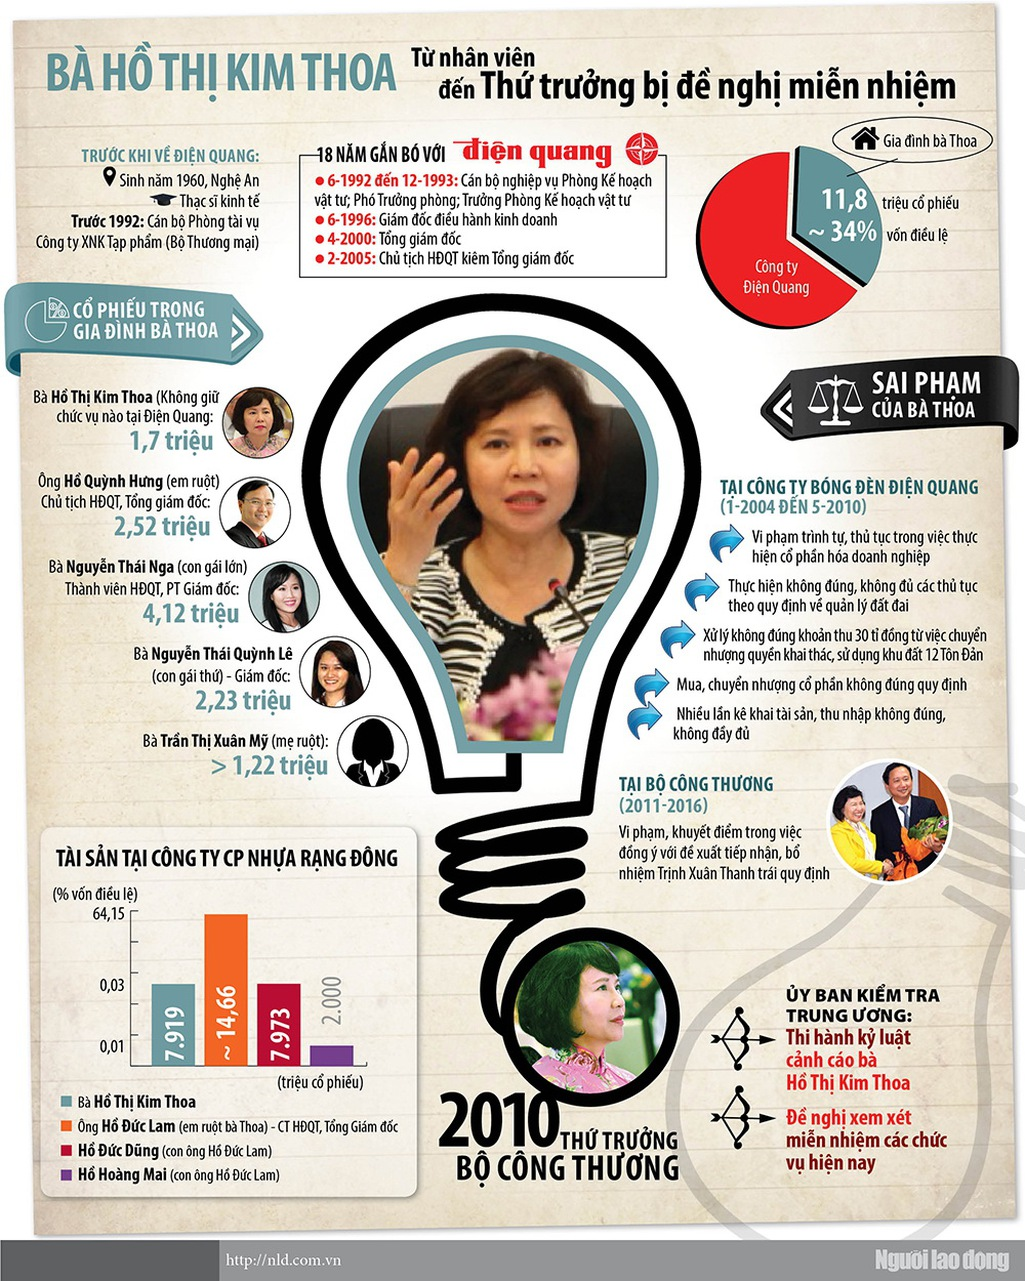 Infographic: Bà Hồ Thị Kim Thoa thao túng Điện Quang thế nào? - Ảnh 1.